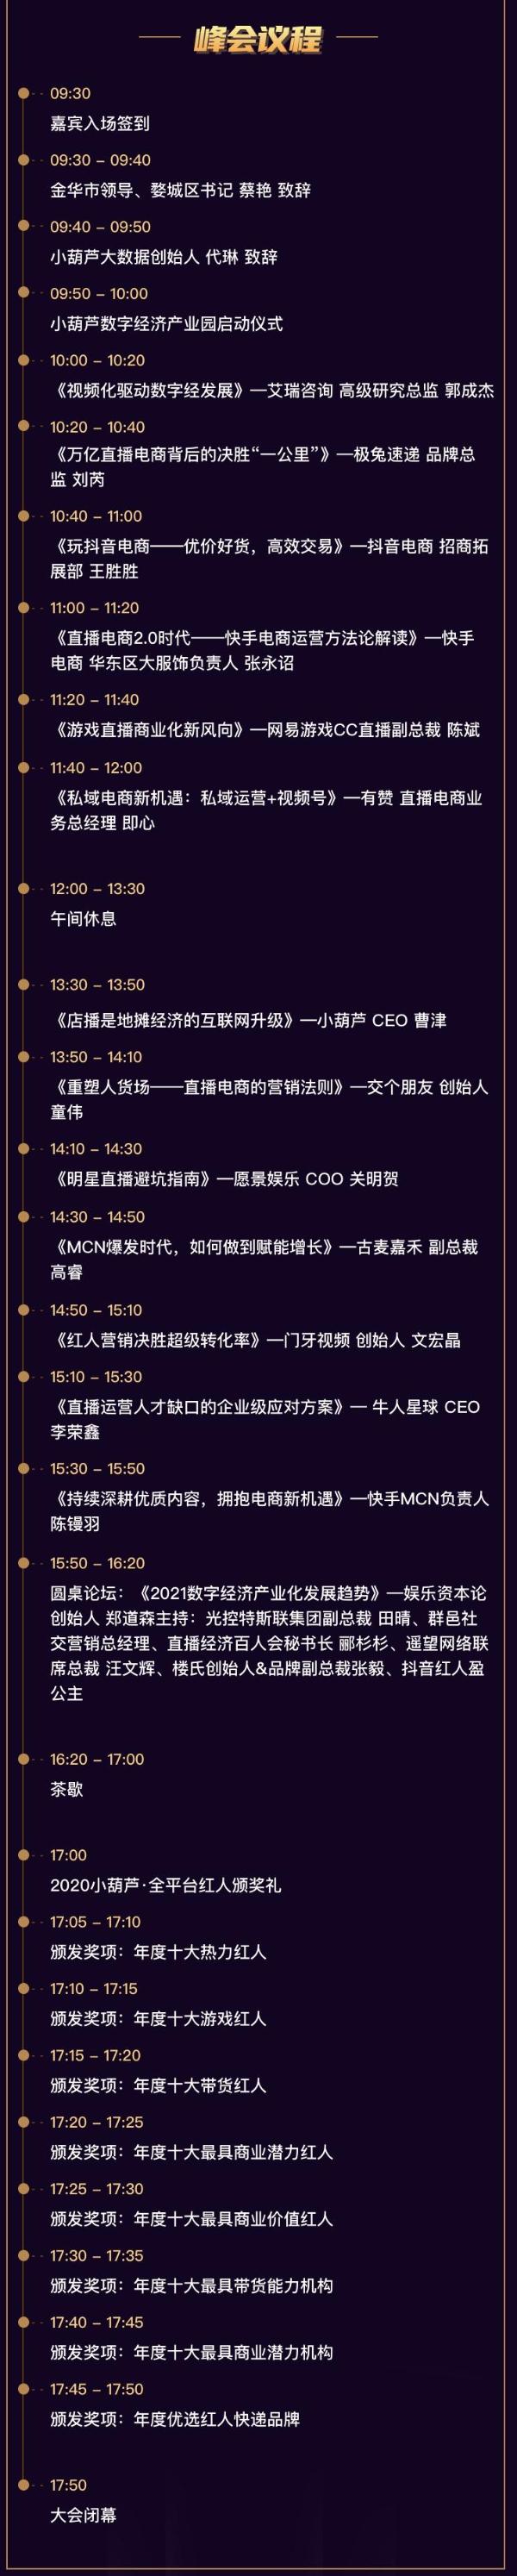 """第四届中国网络红人营销大会 都有哪些值得被你关注的""""干货""""?"""